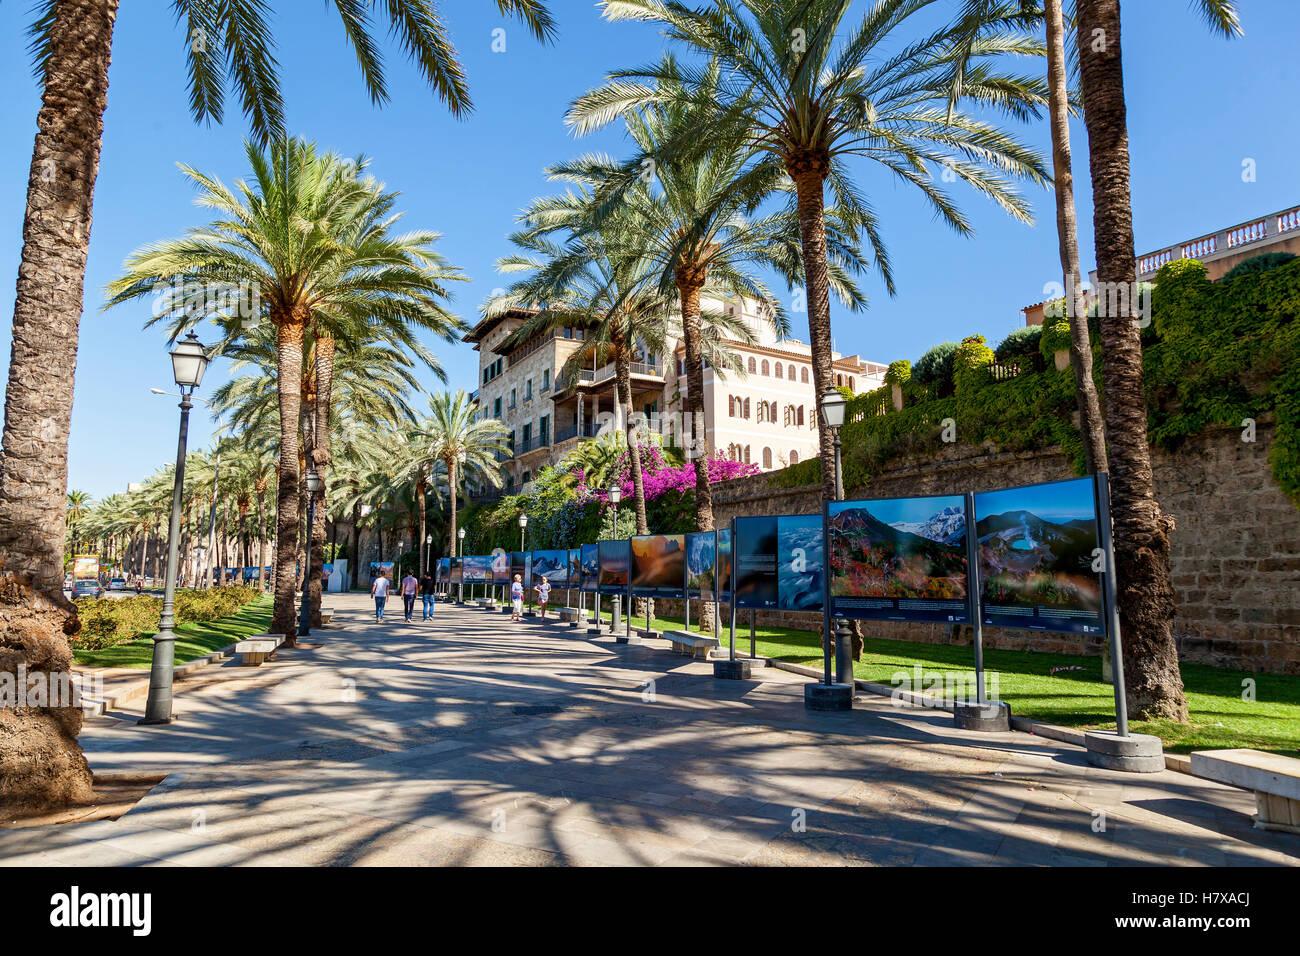 23 juin Espagne Palma de Mallorca street. Palma de Mallorca street sur une journée ensoleillée sur laquelle Photo Stock